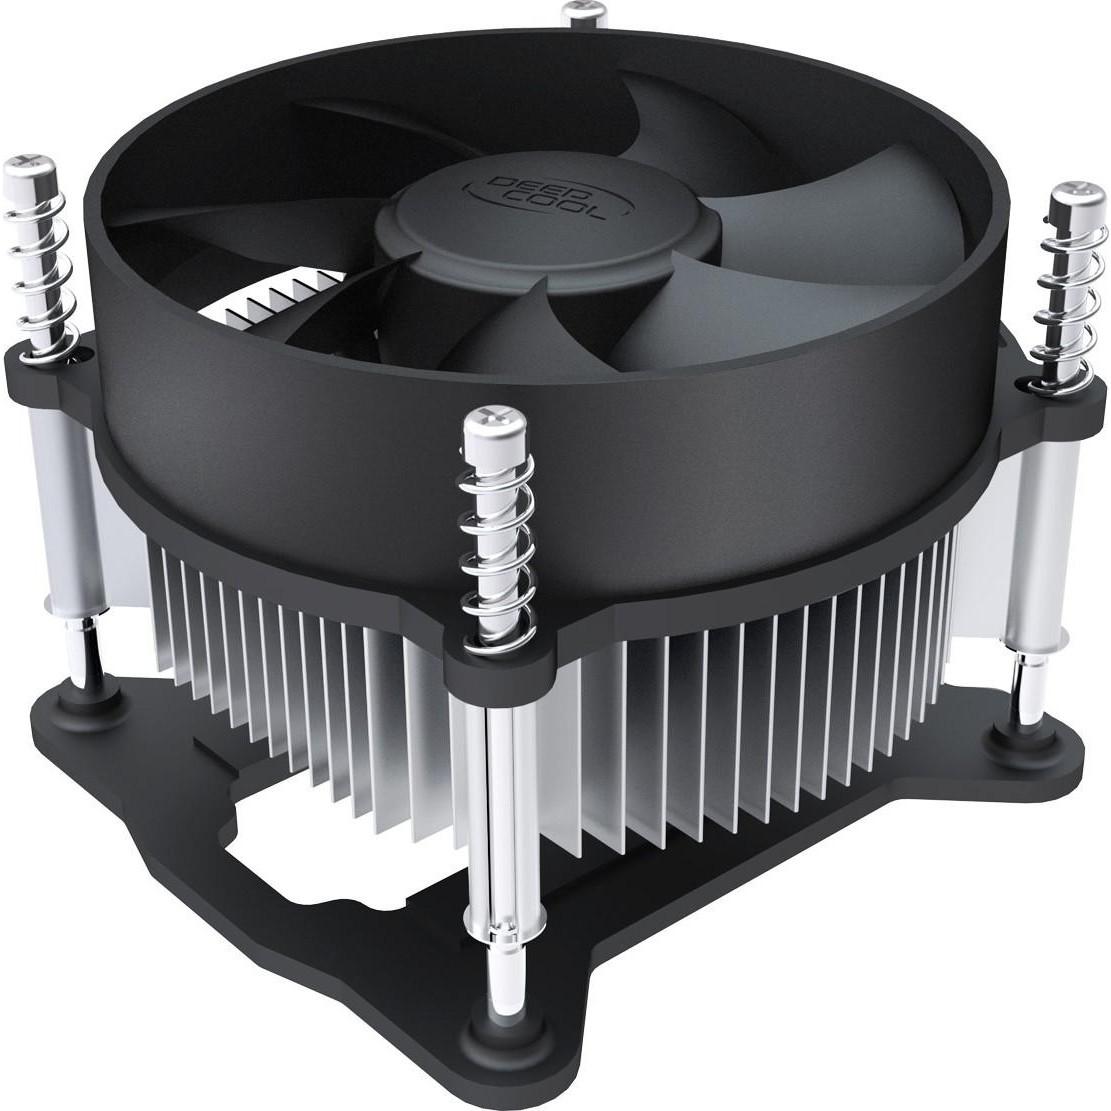 Кулер DeepCool CK-11508, s1156 s1155 s1150, (новый)